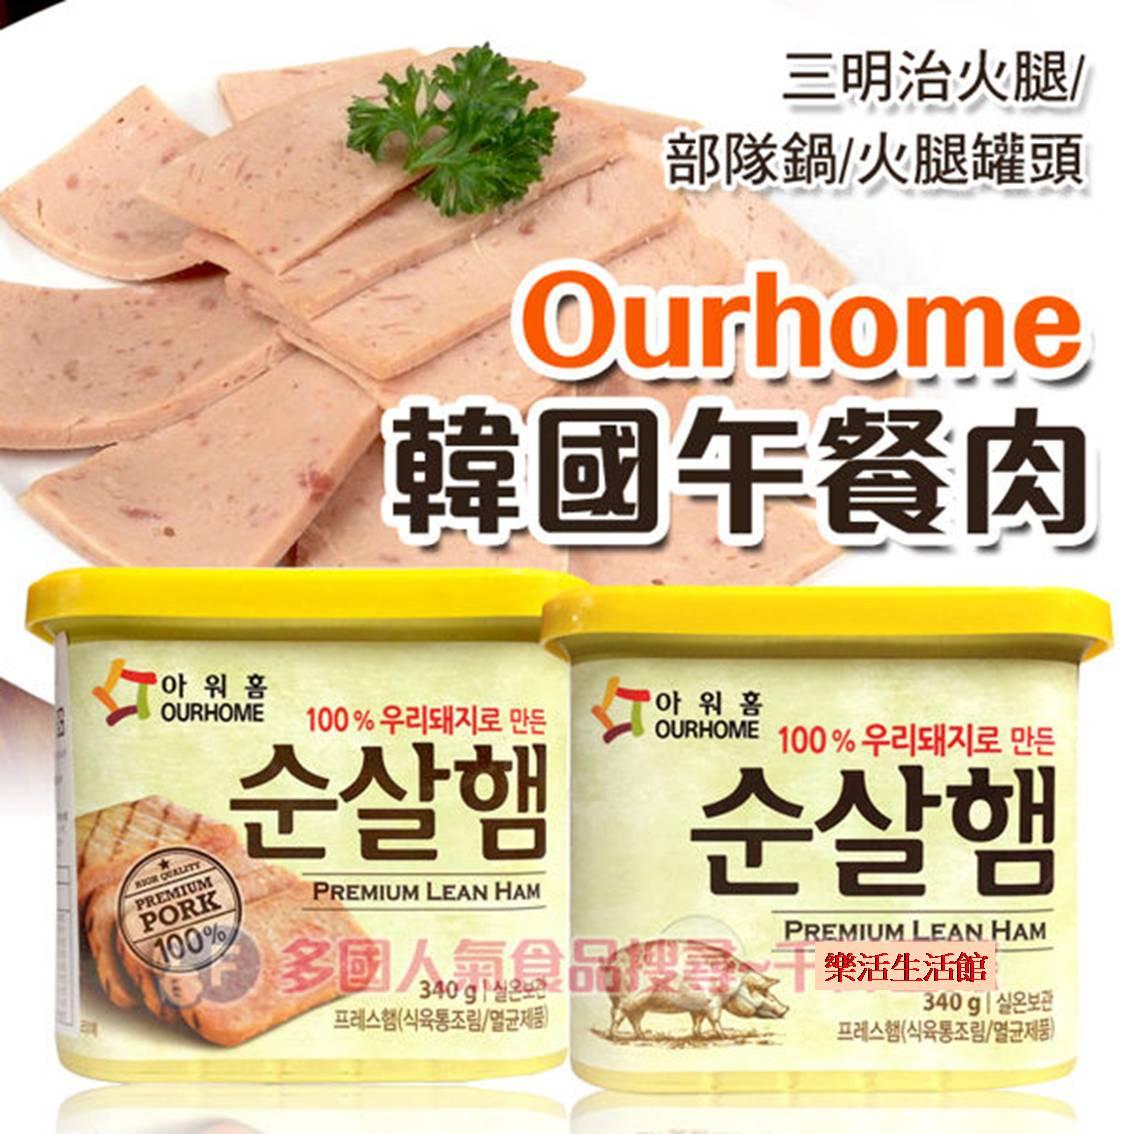 韓國 Ourhome午餐肉 /三明治火腿 / 部隊鍋料理 火腿罐頭